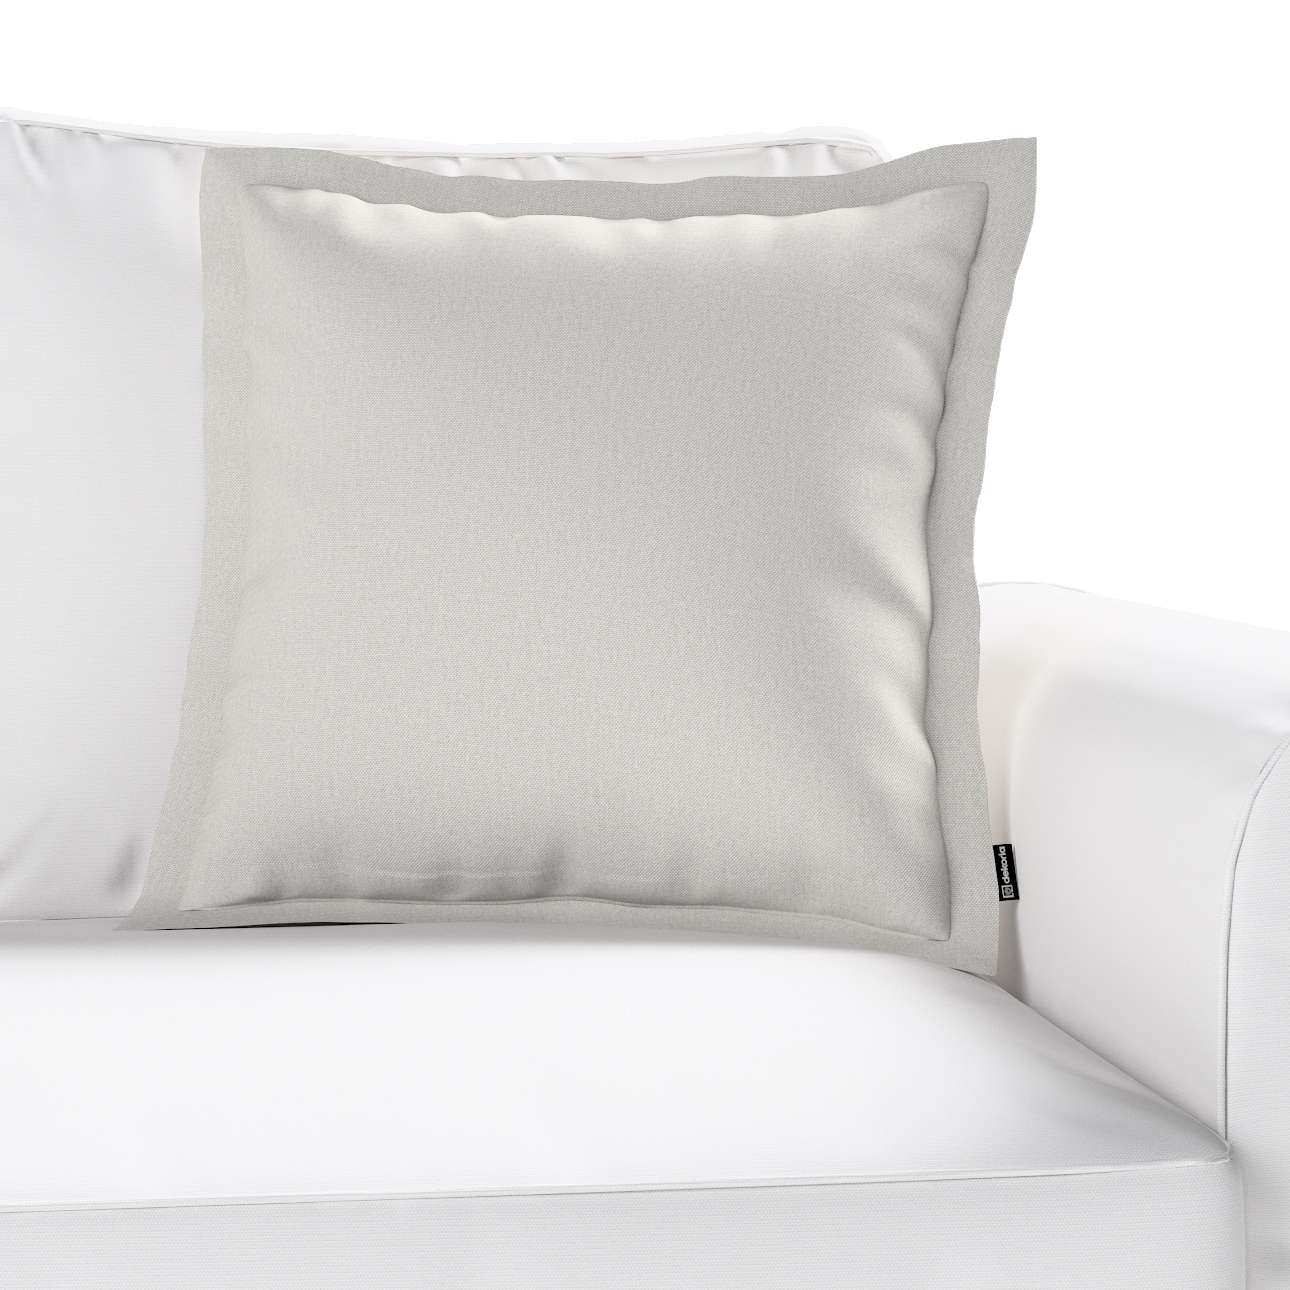 Mona dekoratyvinių pagalvėlių užvalkalas su sienele kolekcijoje Etna , audinys: 705-90